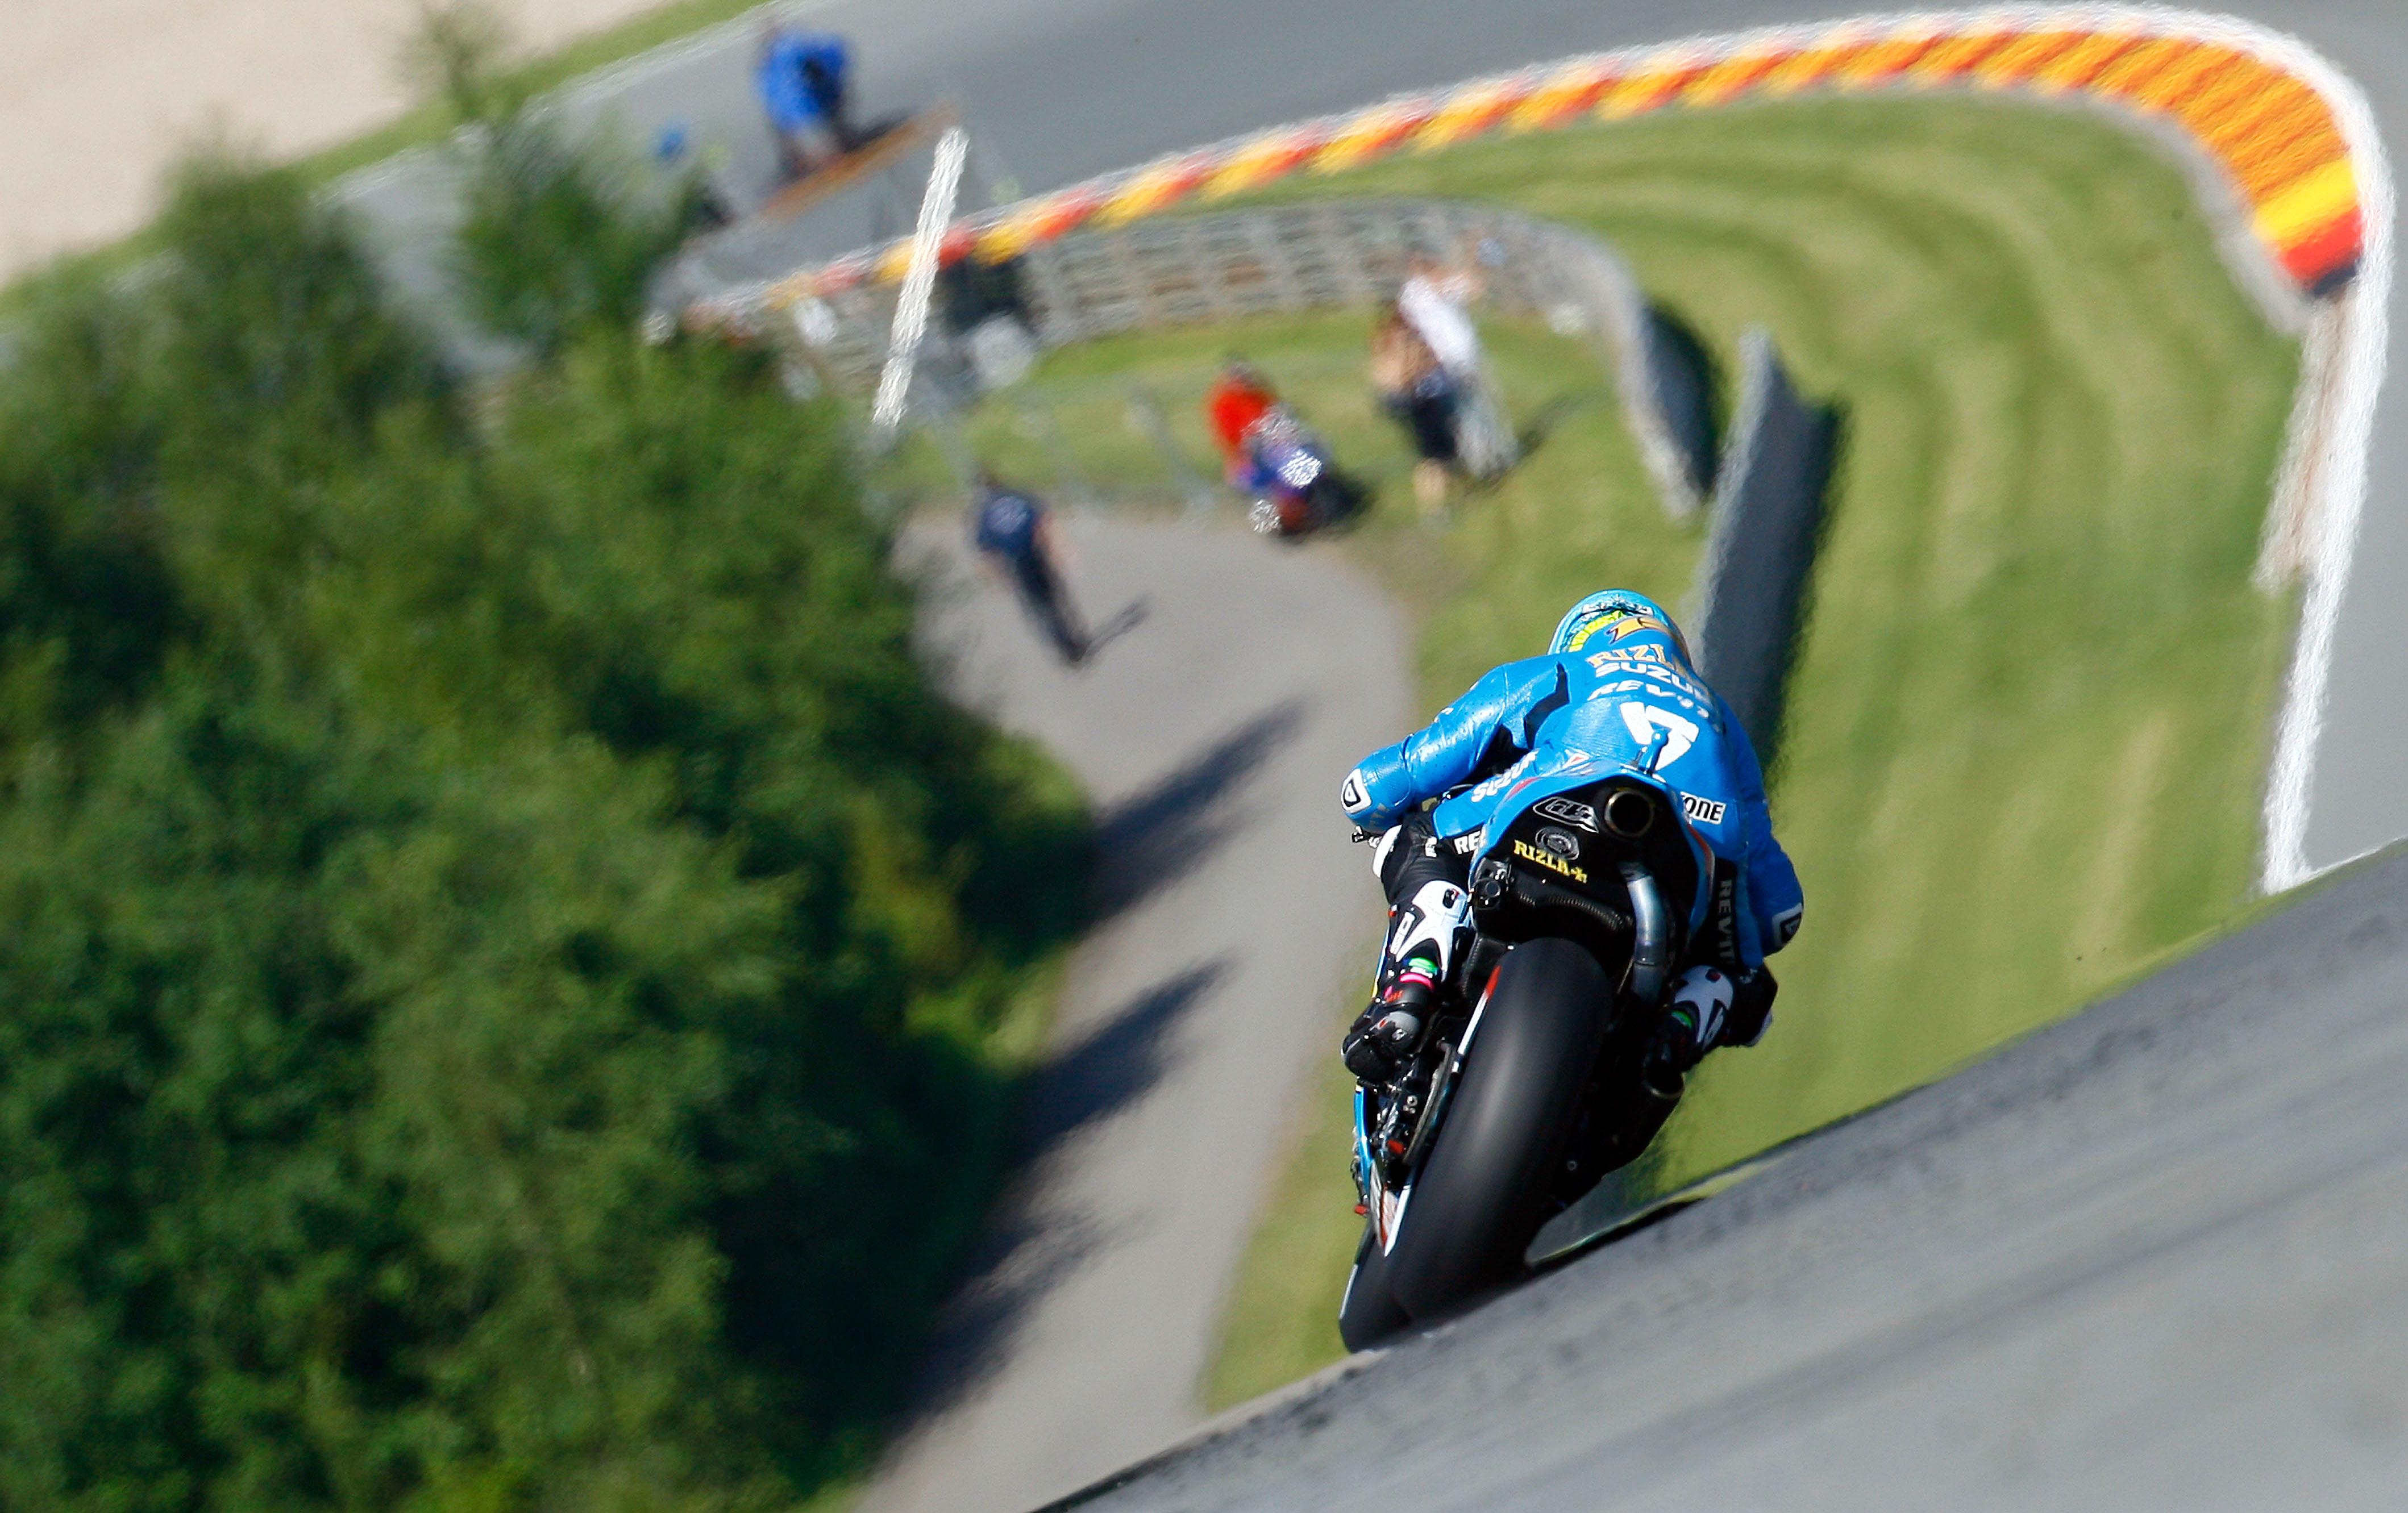 вираж гонка мотоциклы  № 3300049 бесплатно